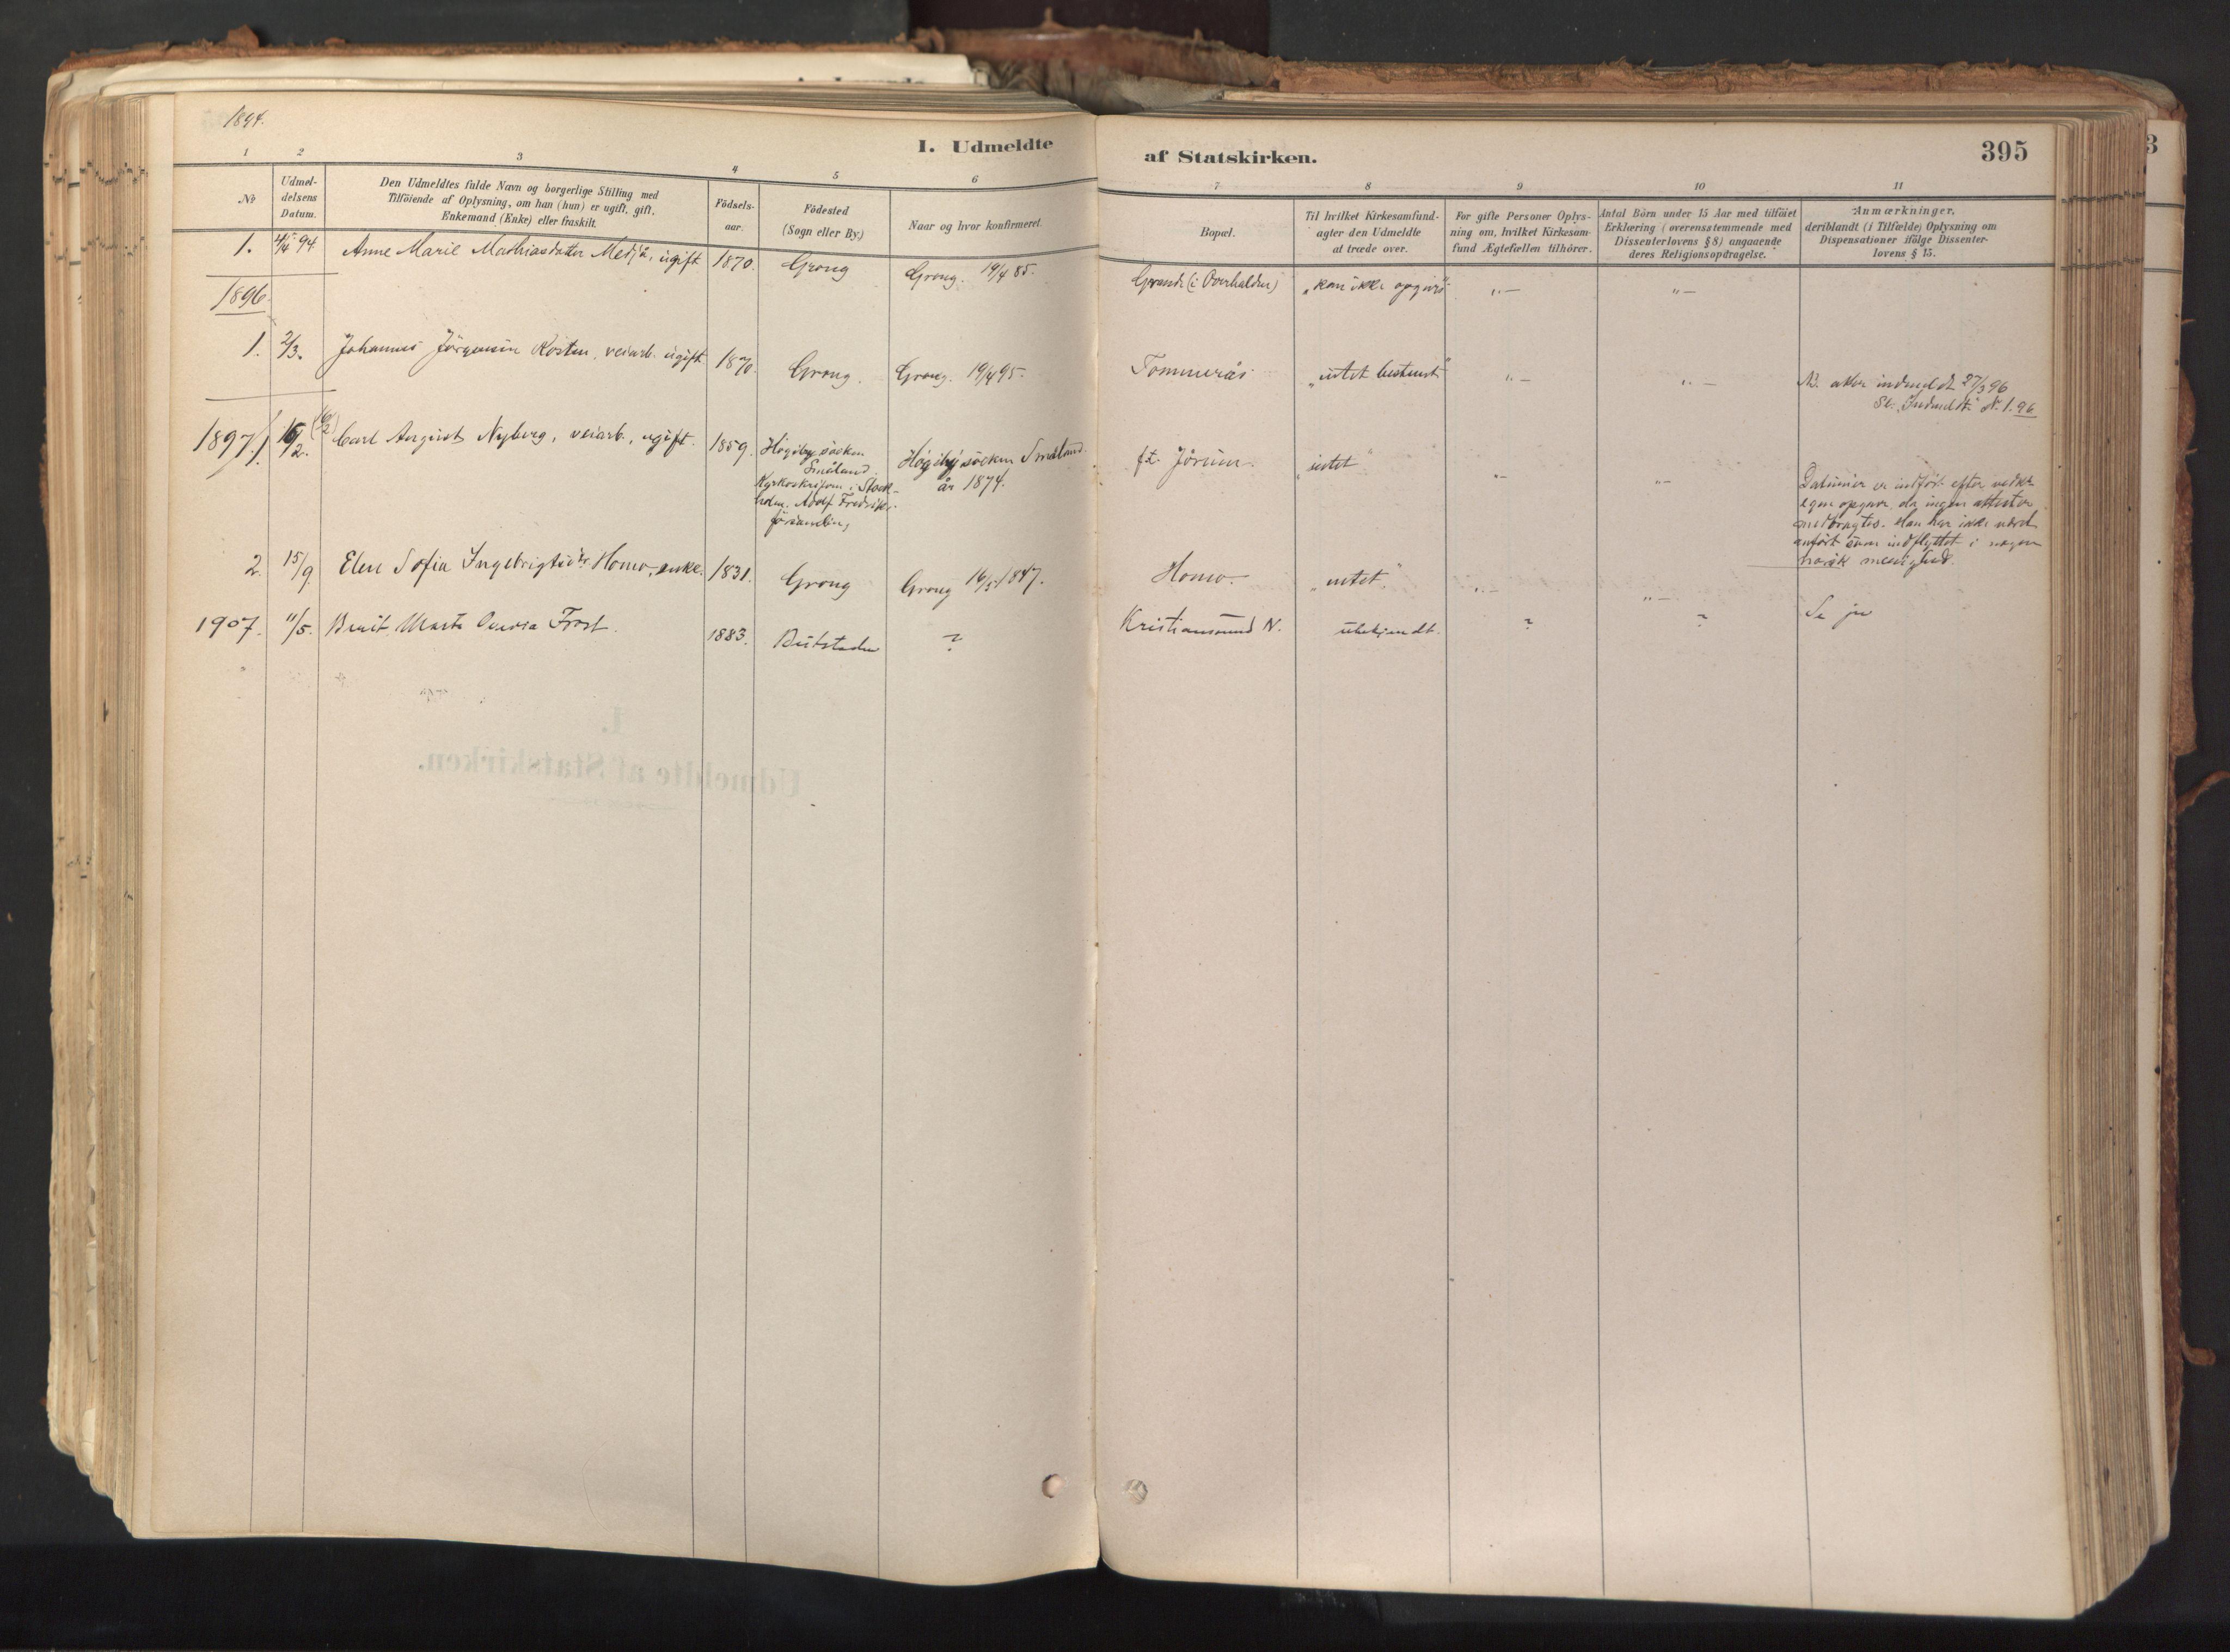 SAT, Ministerialprotokoller, klokkerbøker og fødselsregistre - Nord-Trøndelag, 758/L0519: Ministerialbok nr. 758A04, 1880-1926, s. 395